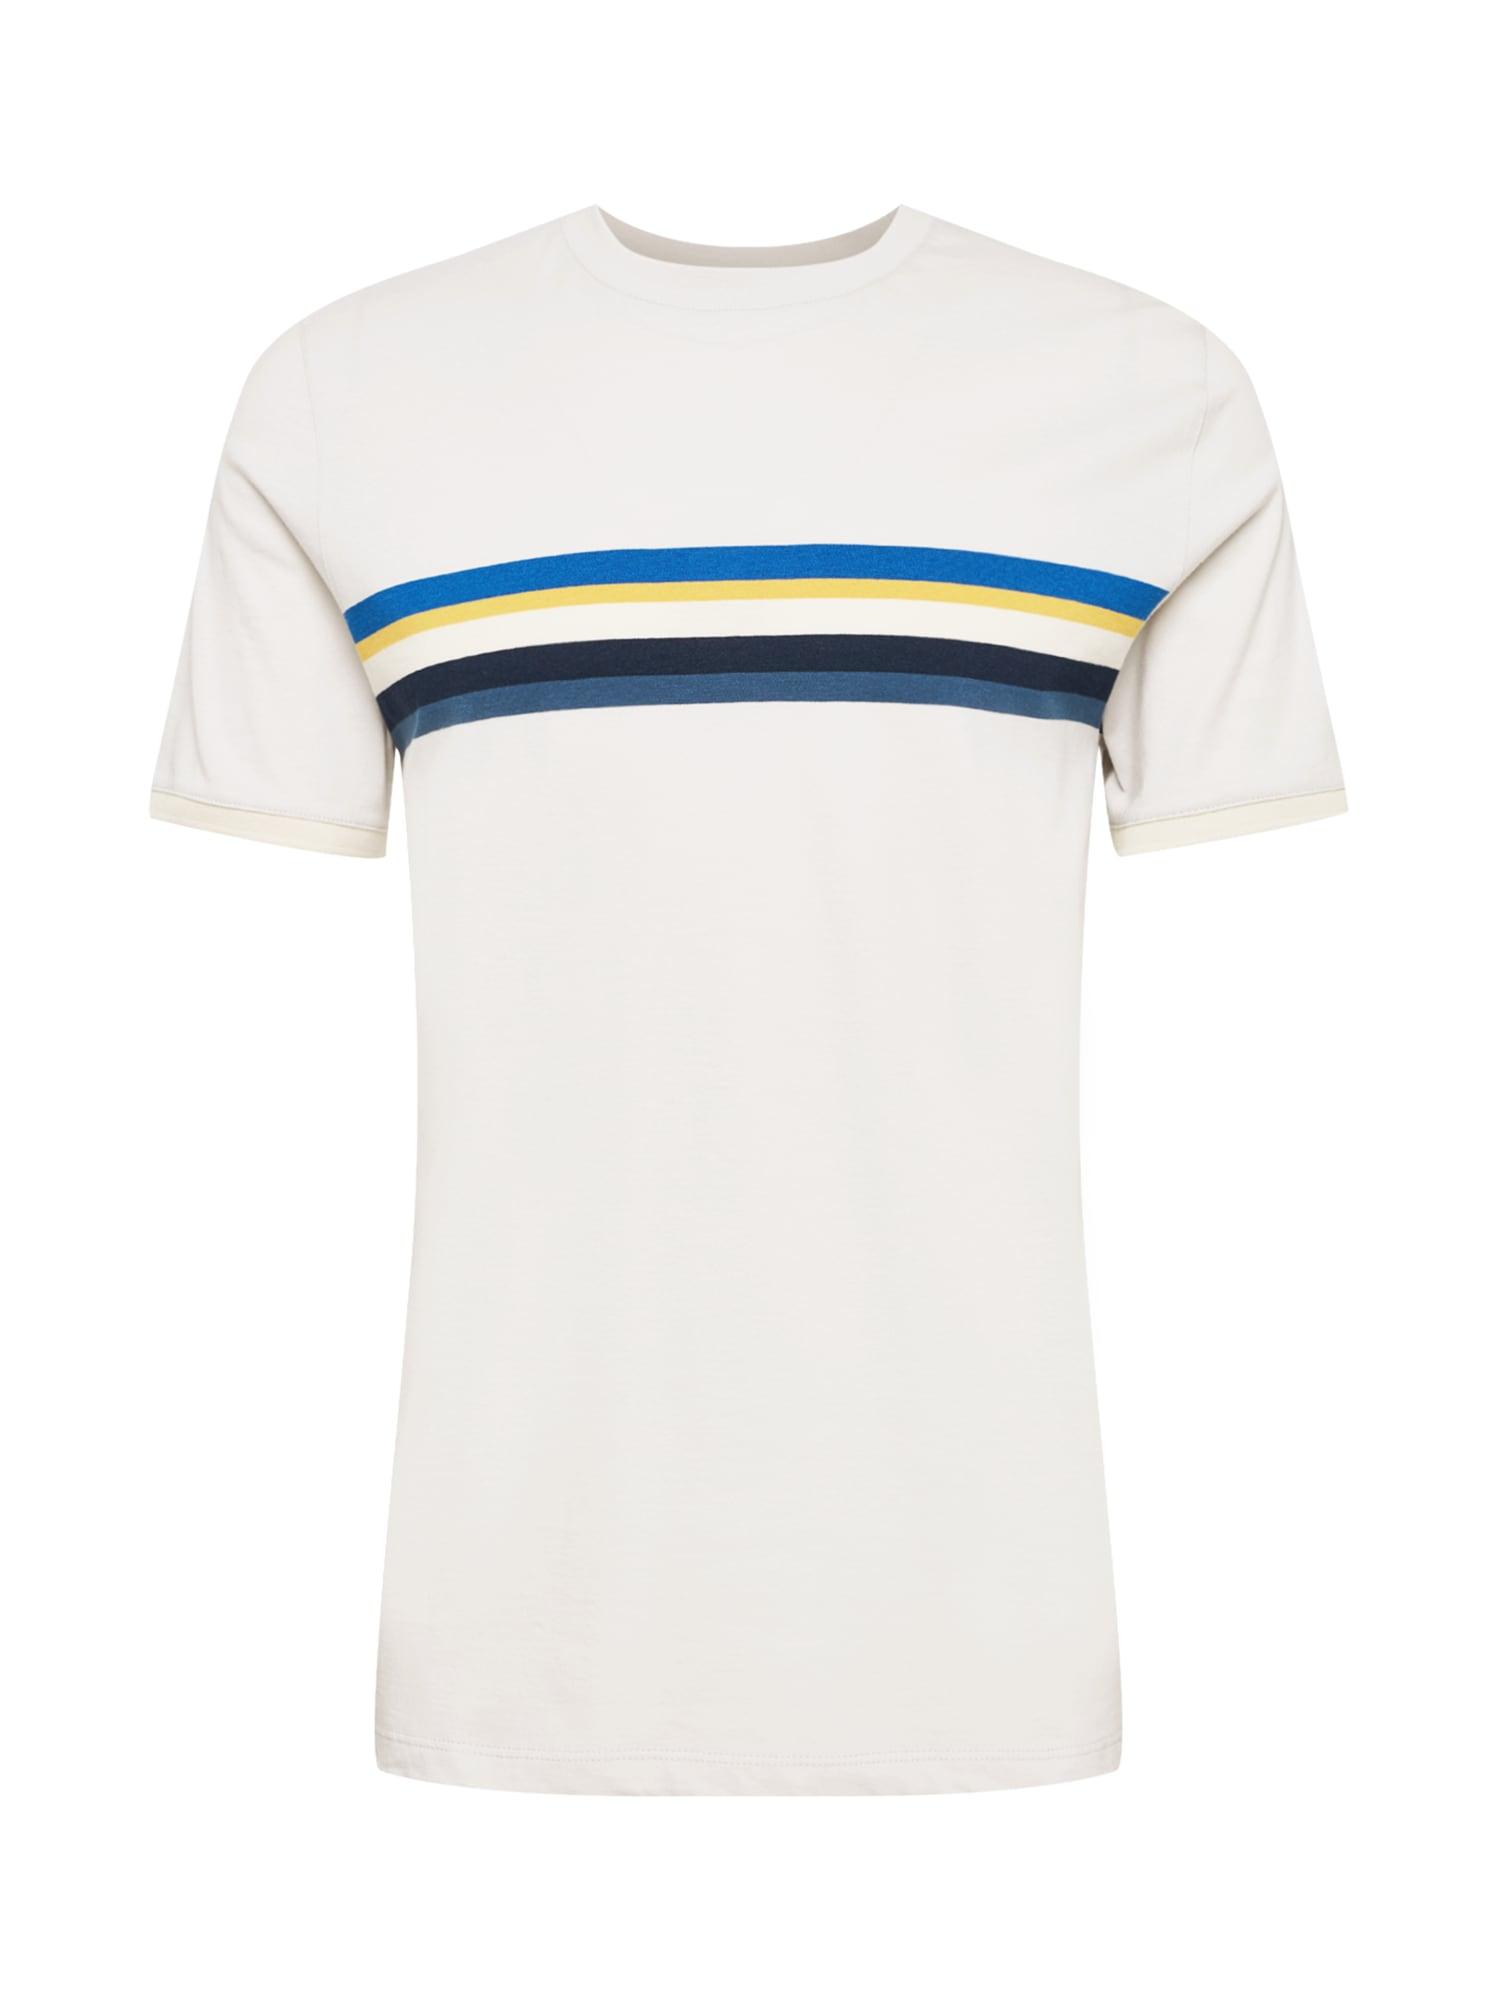 Ted Baker Marškinėliai balta / mėlyna / tamsiai mėlyna / tamsiai mėlyna jūros spalva / geltona